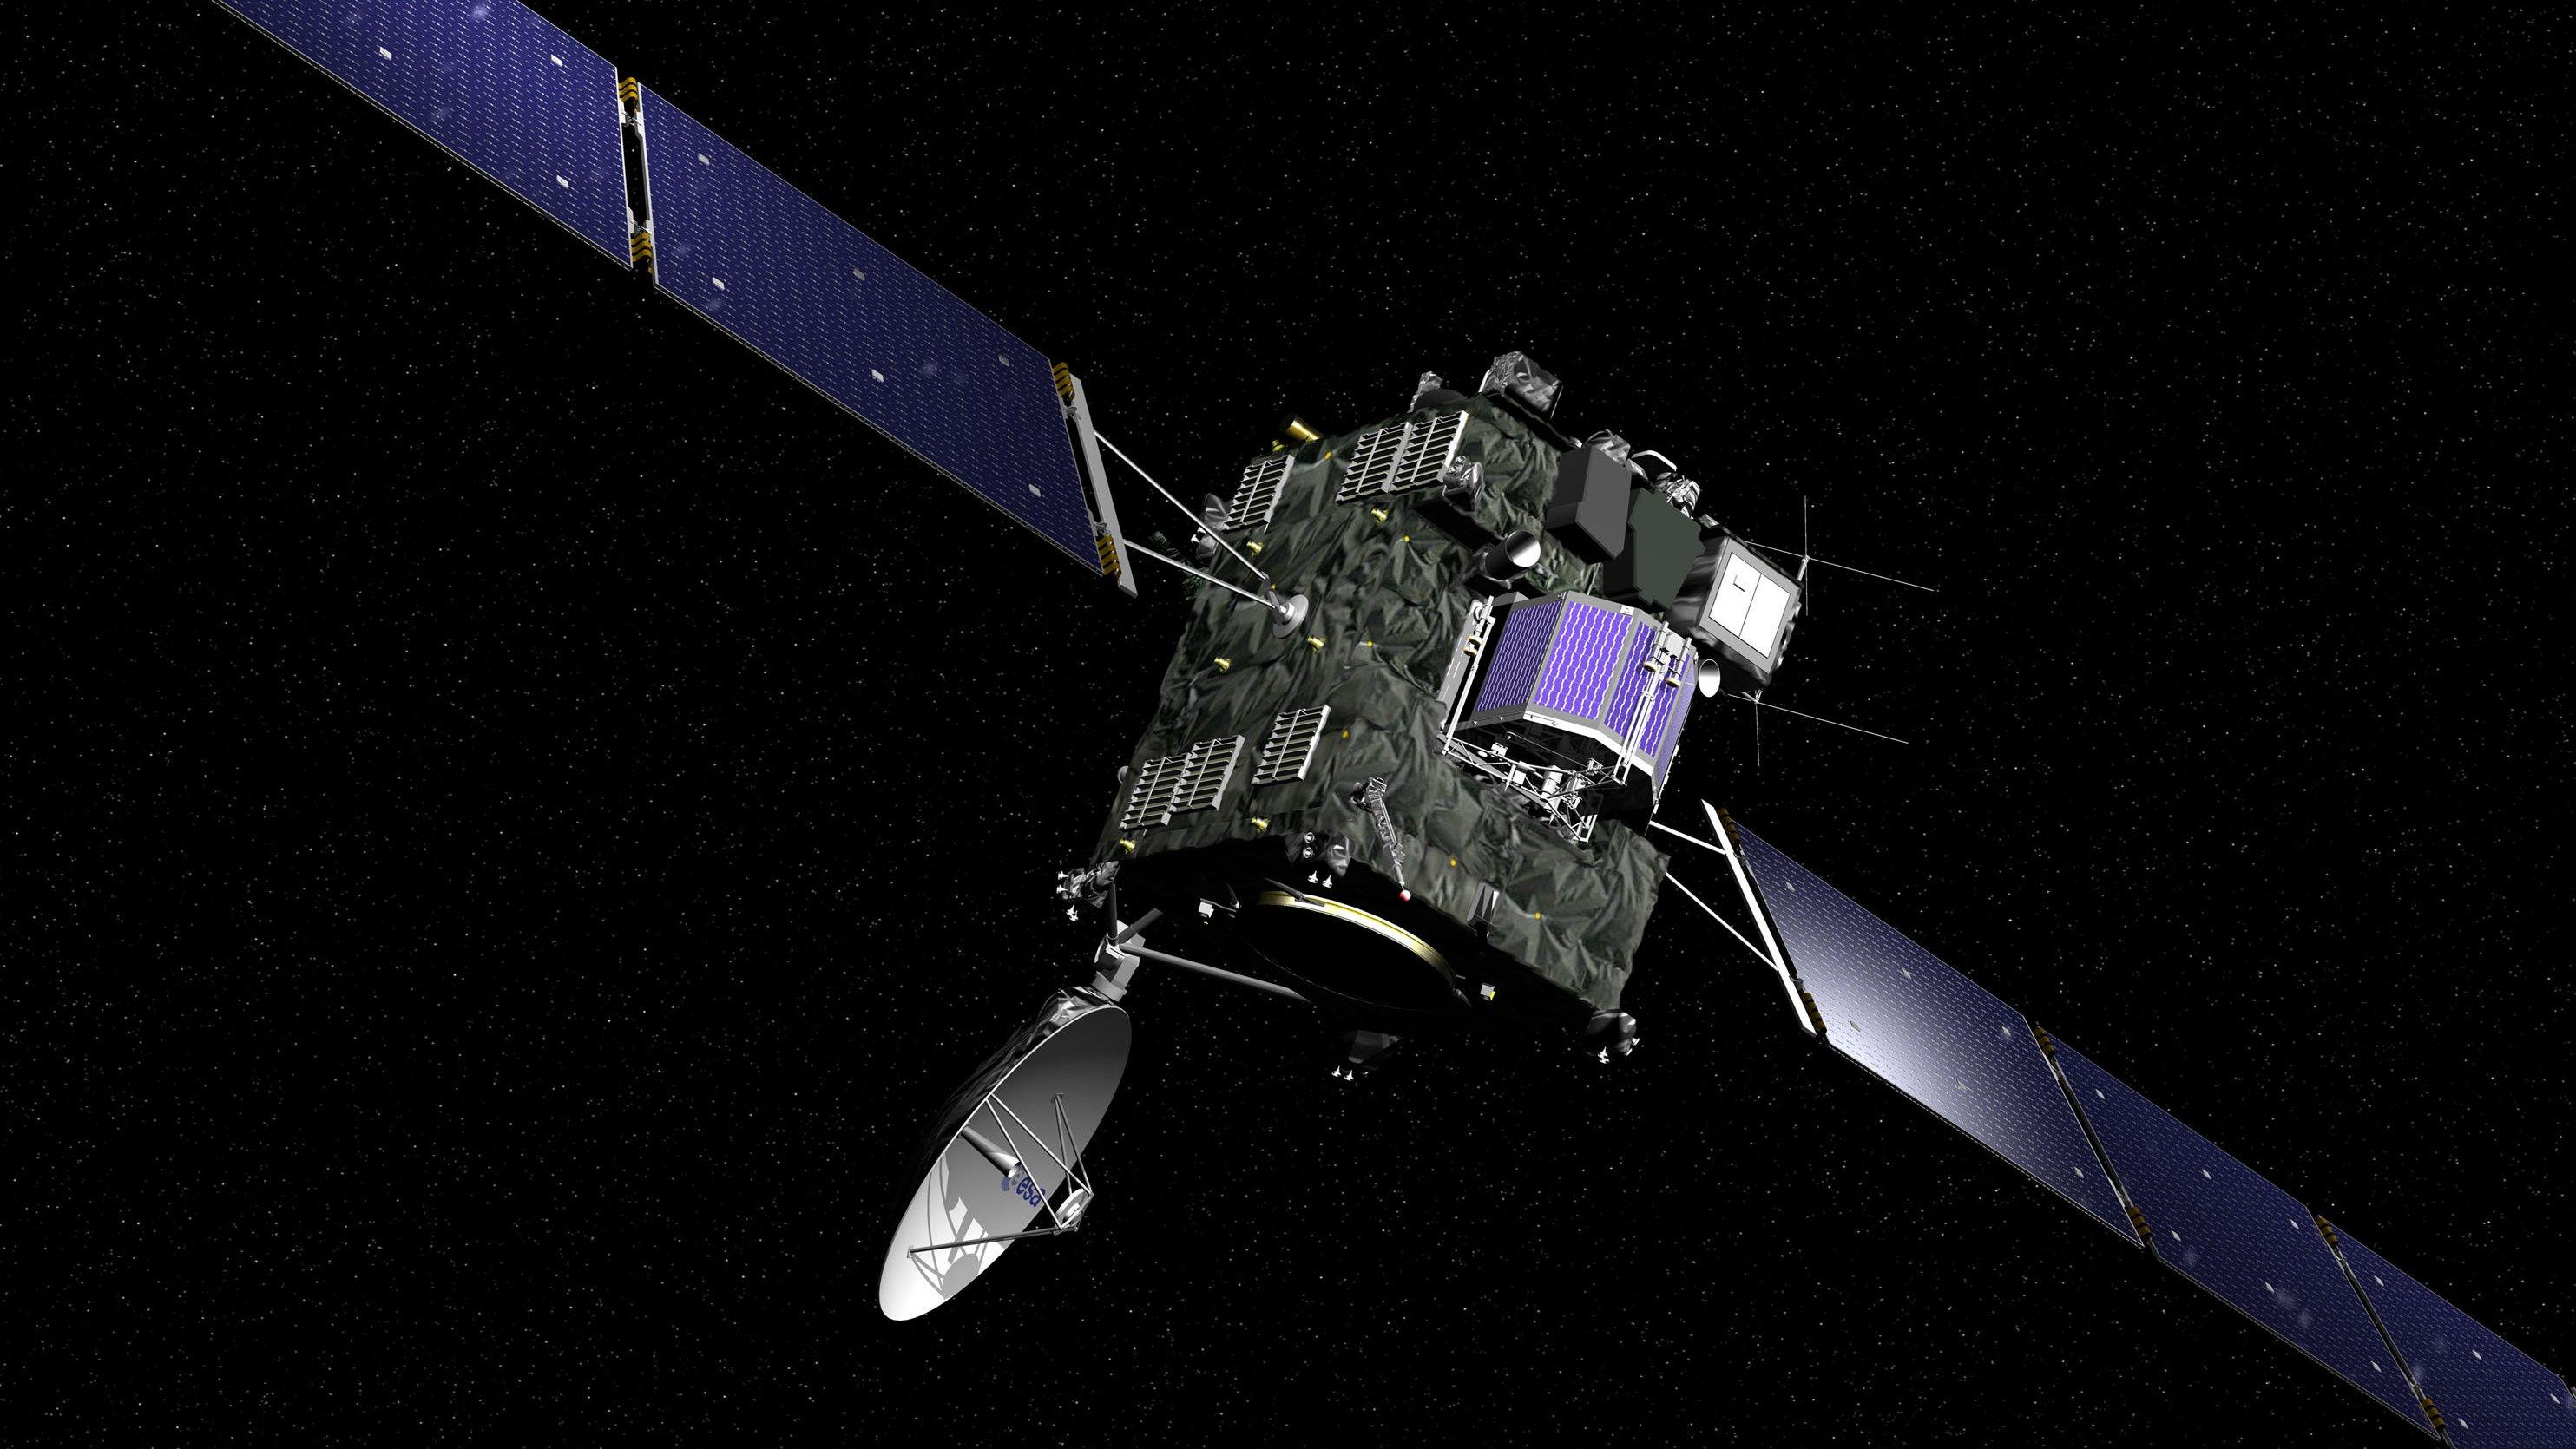 Die europäische Sonde Rosetta mit dem Lander Philae an Bord fliegt bereits seit dem 2. März 2004 durchs Weltall.